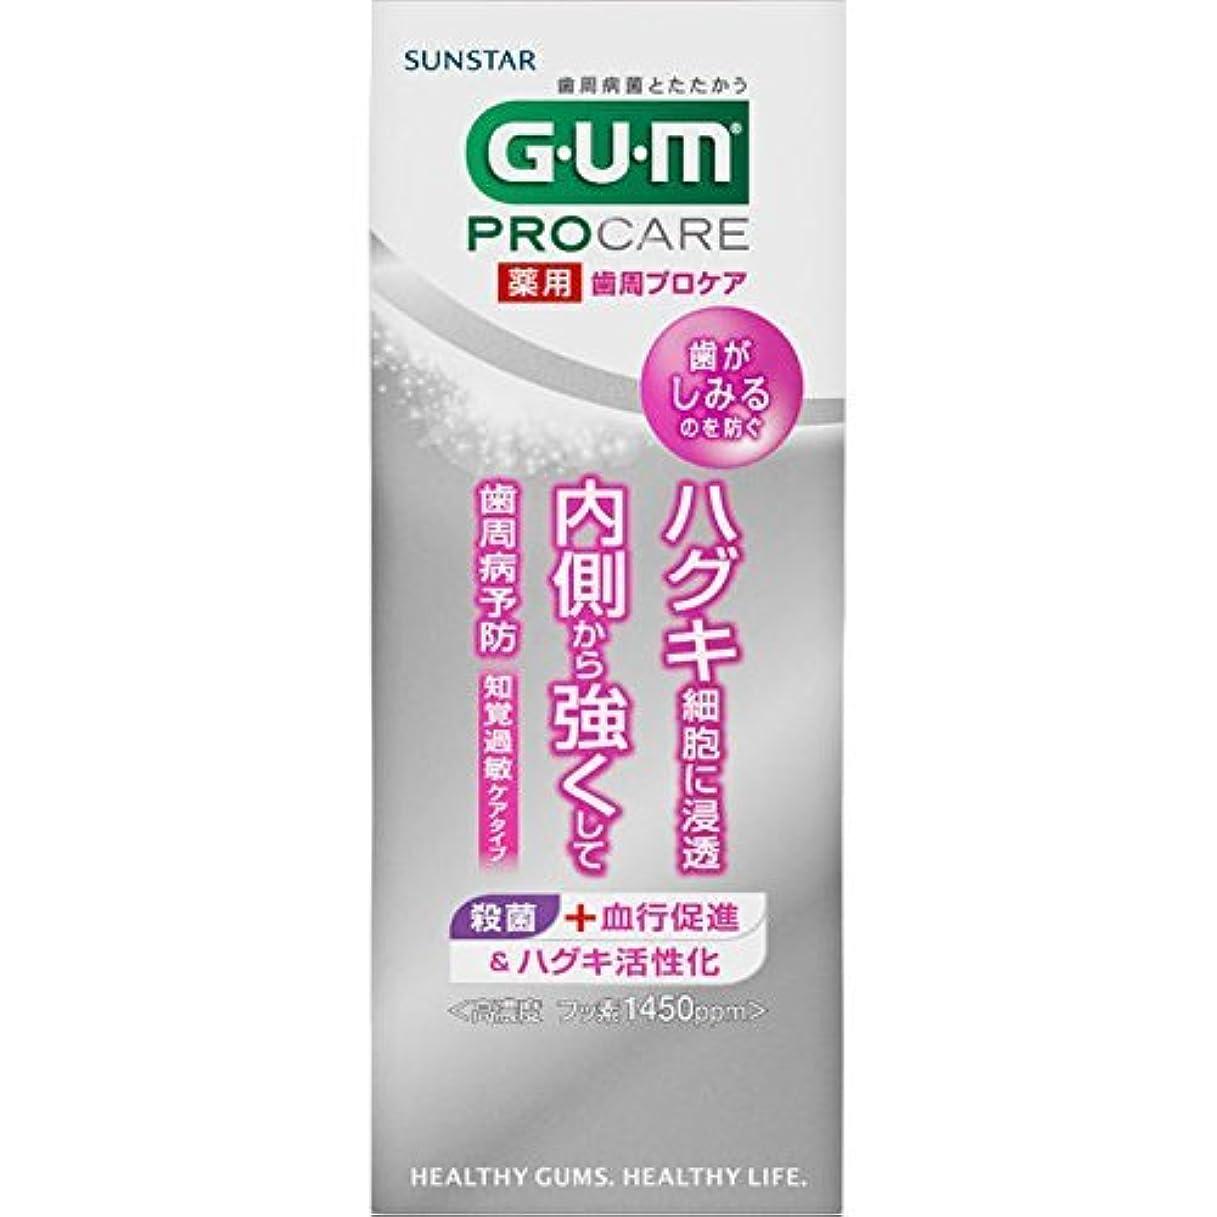 現像診療所滑り台[医薬部外品] GUM(ガム) 歯周プロケア 歯みがき 48g <歯周病予防 ハグキケア 高濃度フッ素配合1,450ppm 知覚過敏予防>